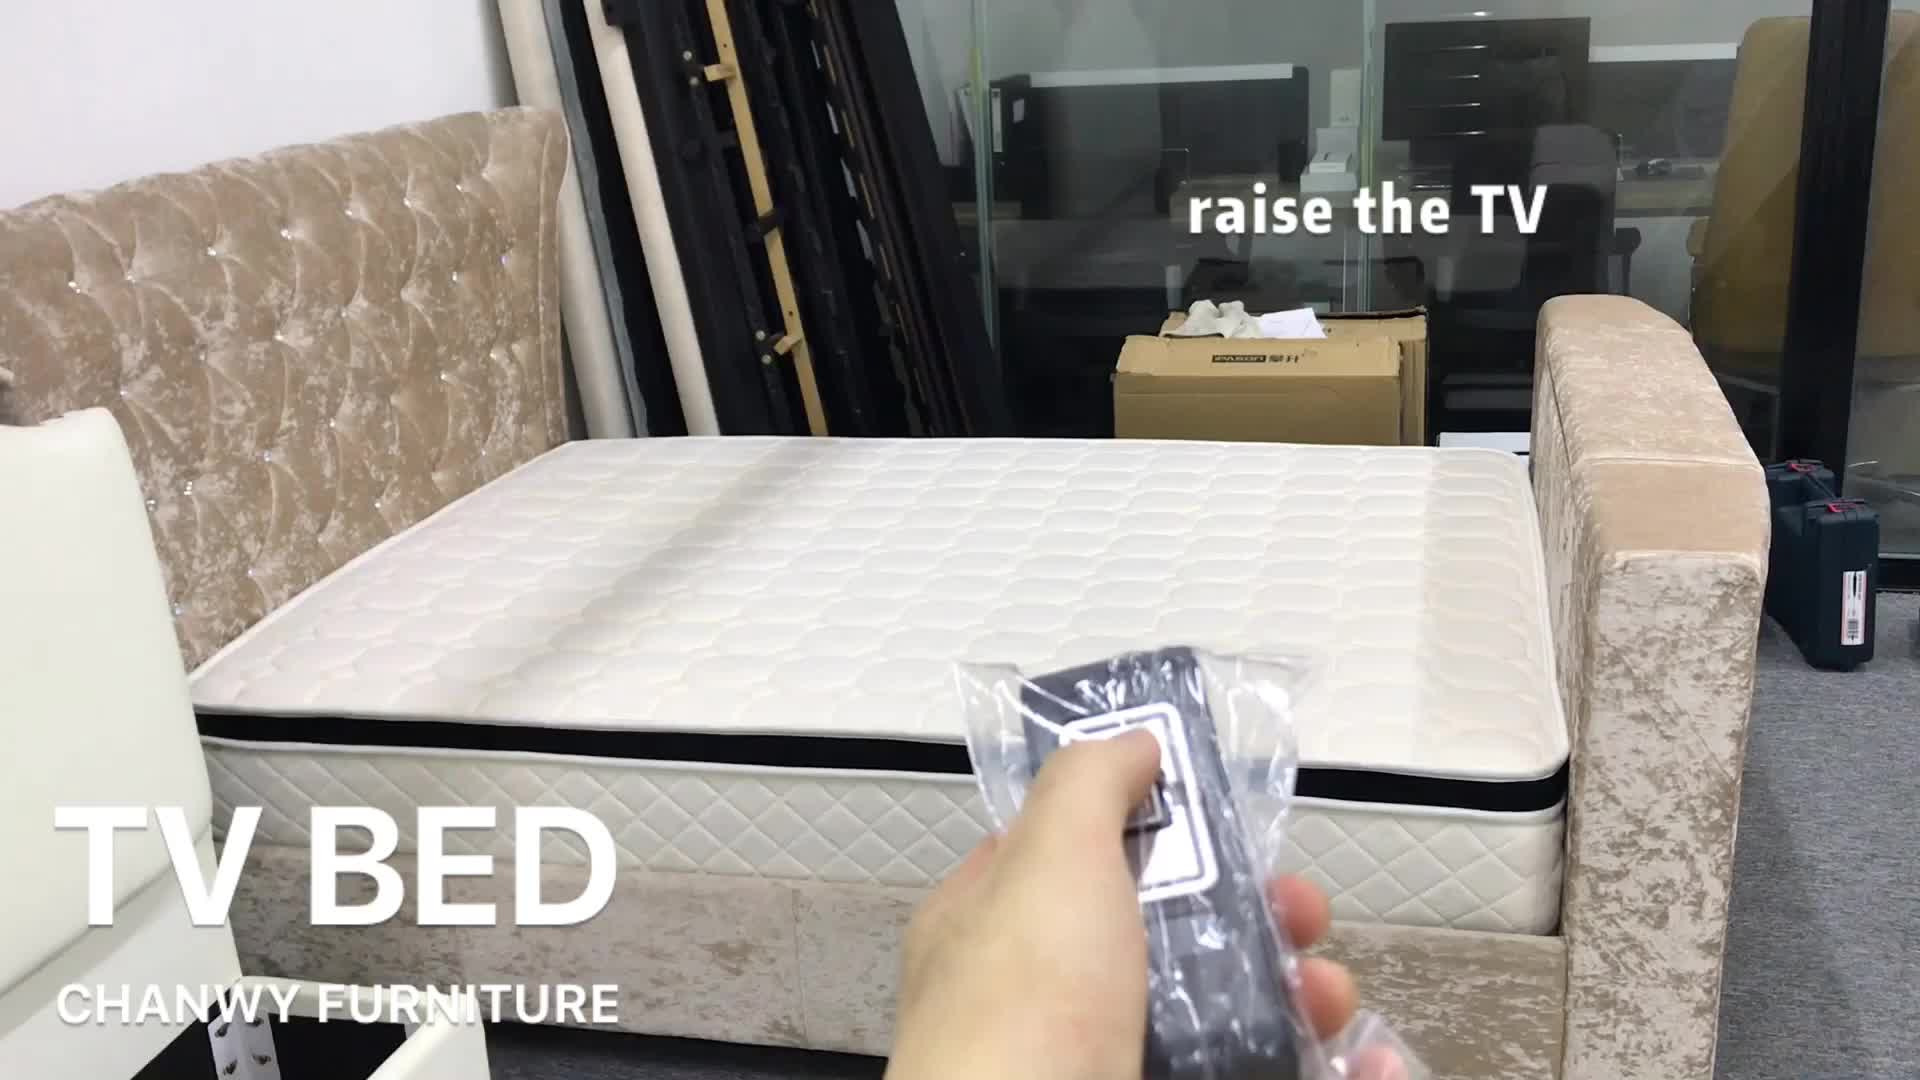 מכירה לוהטת קלאסי גילוף מודרני מיטה עם טלוויזיה עבור wholesales חכם מיטה עם טלוויזיה מתכווננת טלוויזיה מיטת